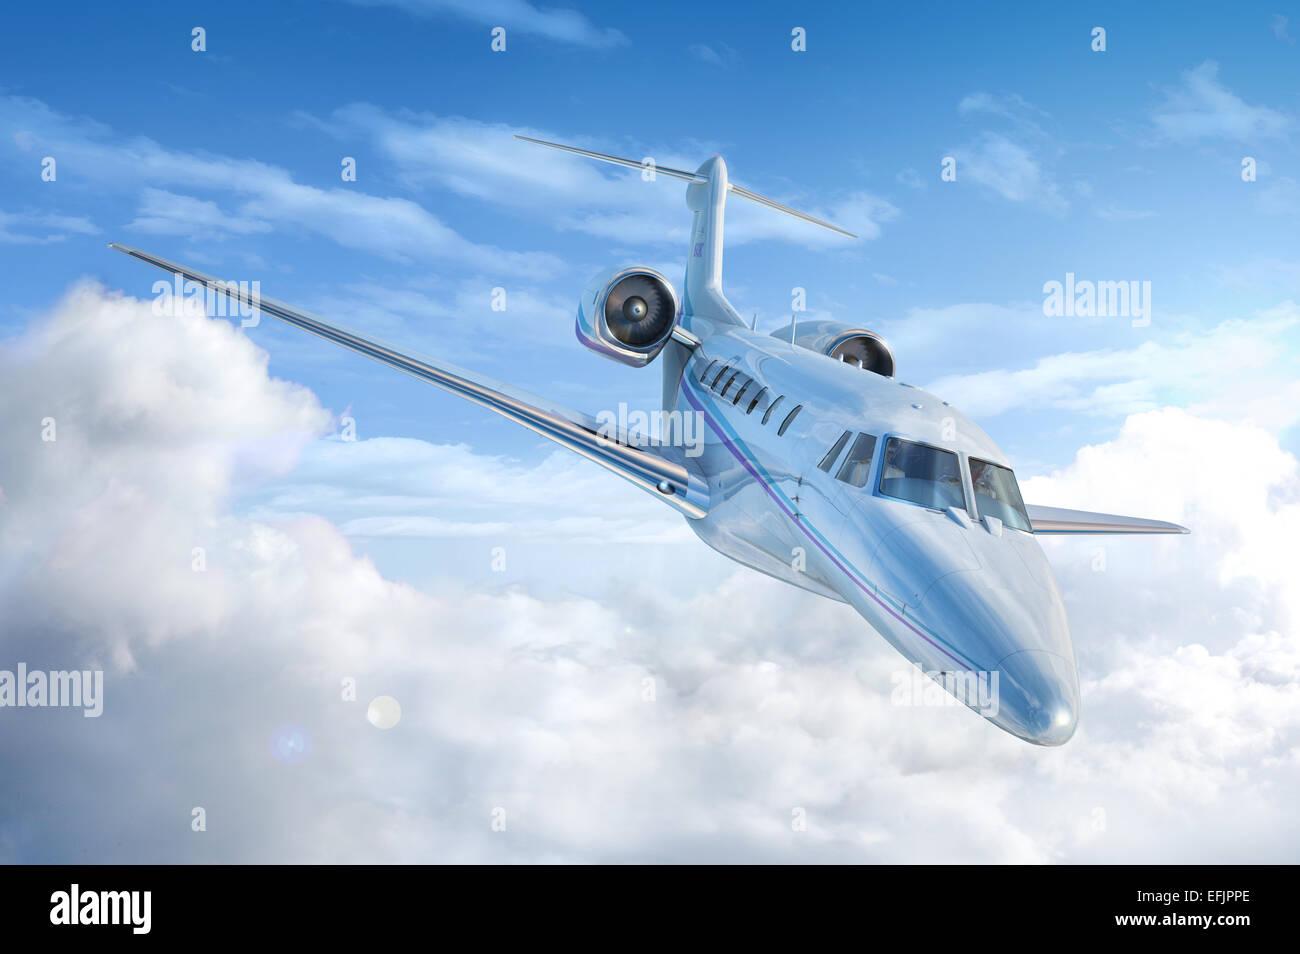 Jet Privato aereo. Prospettiva/vista frontale. Con il Cielo e nubi dello sfondo. Immagini Stock